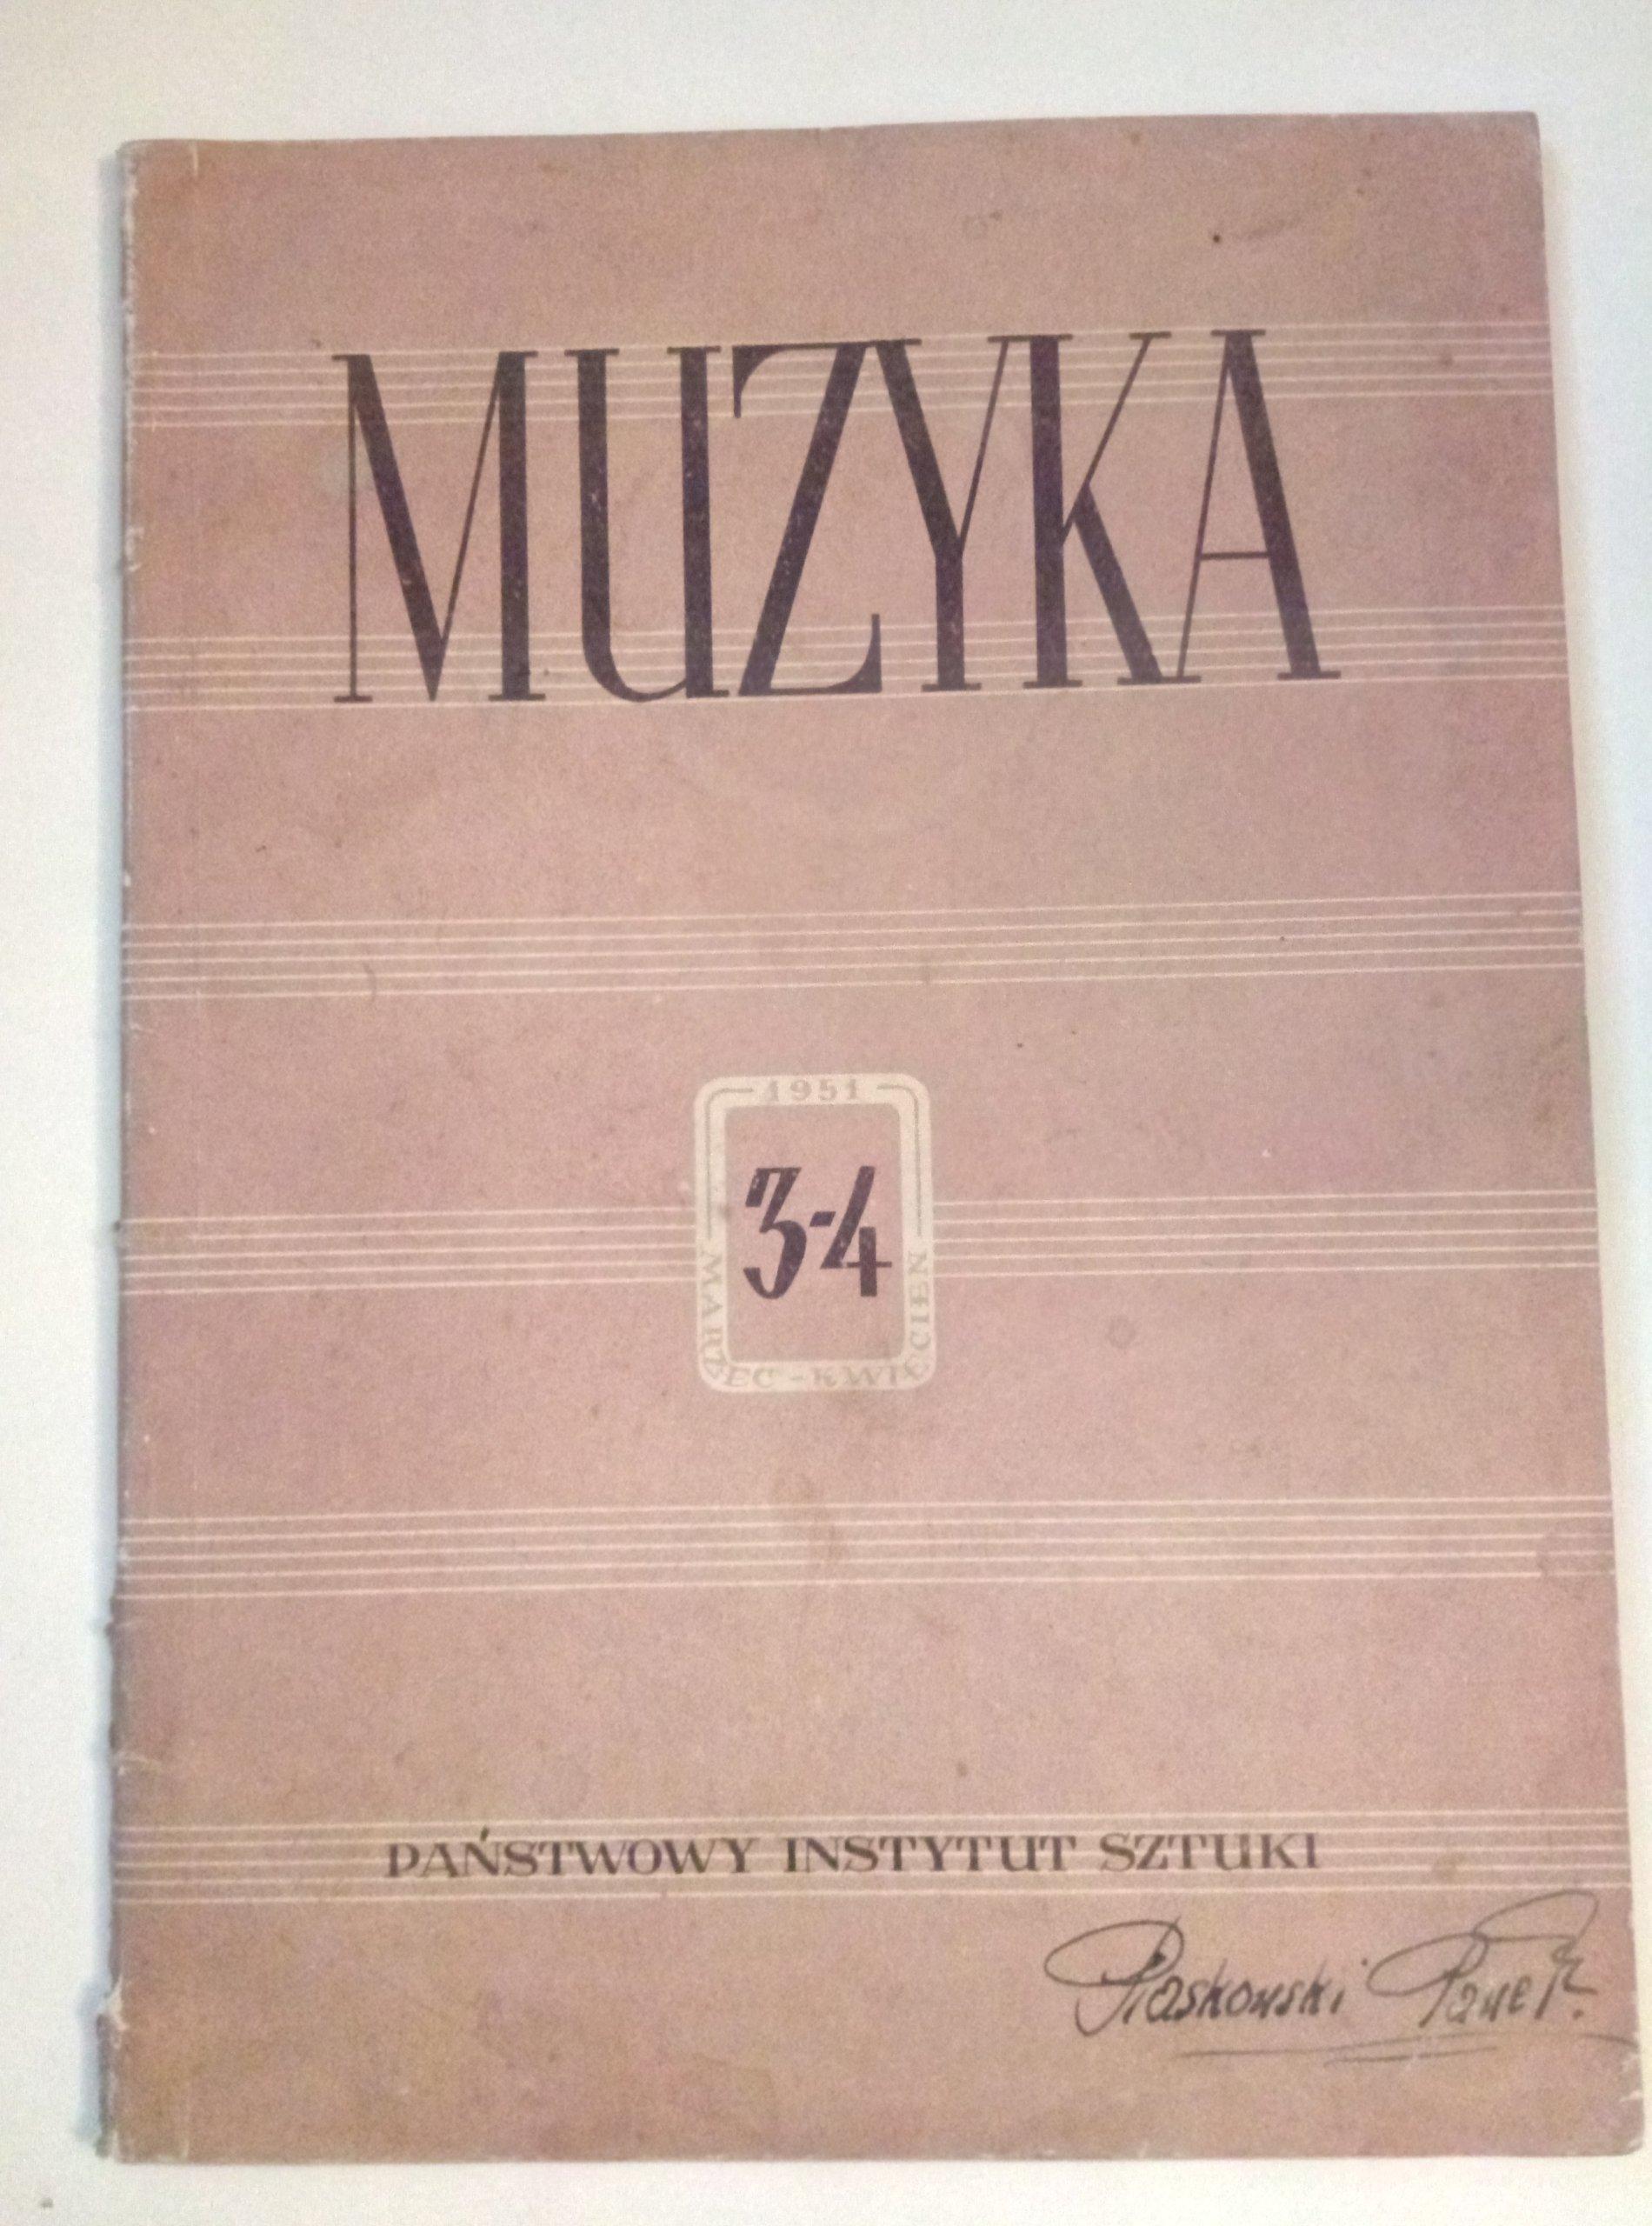 Muzyka 3-4 1951 Państwowy Instytut Sztuki